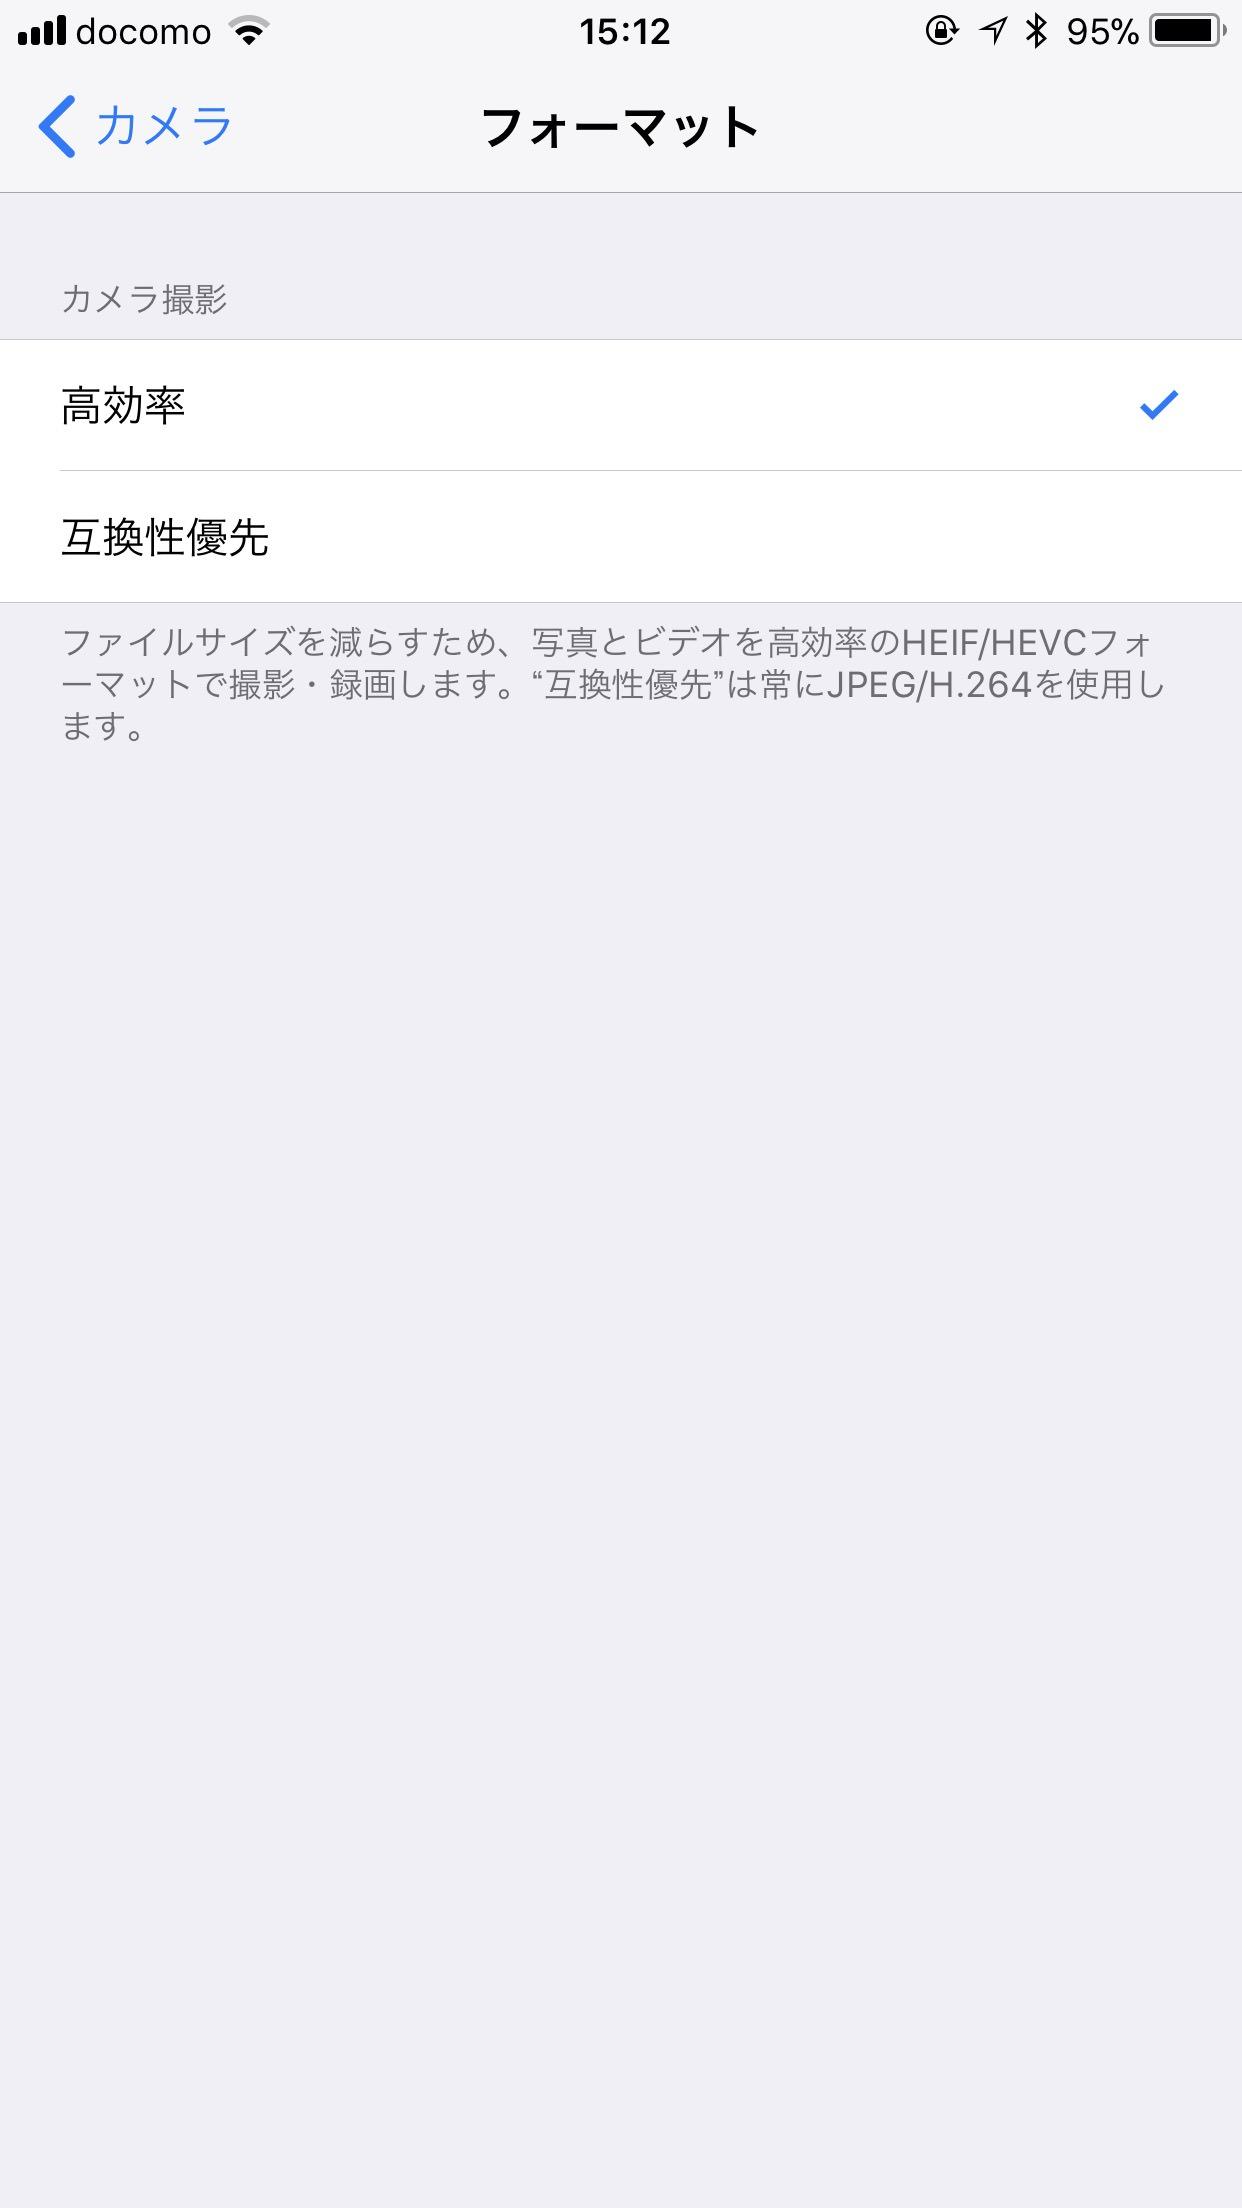 【iOS 11】撮影時のフォーマットをHEIF/HEVCからJPEG/H.264に戻す方法